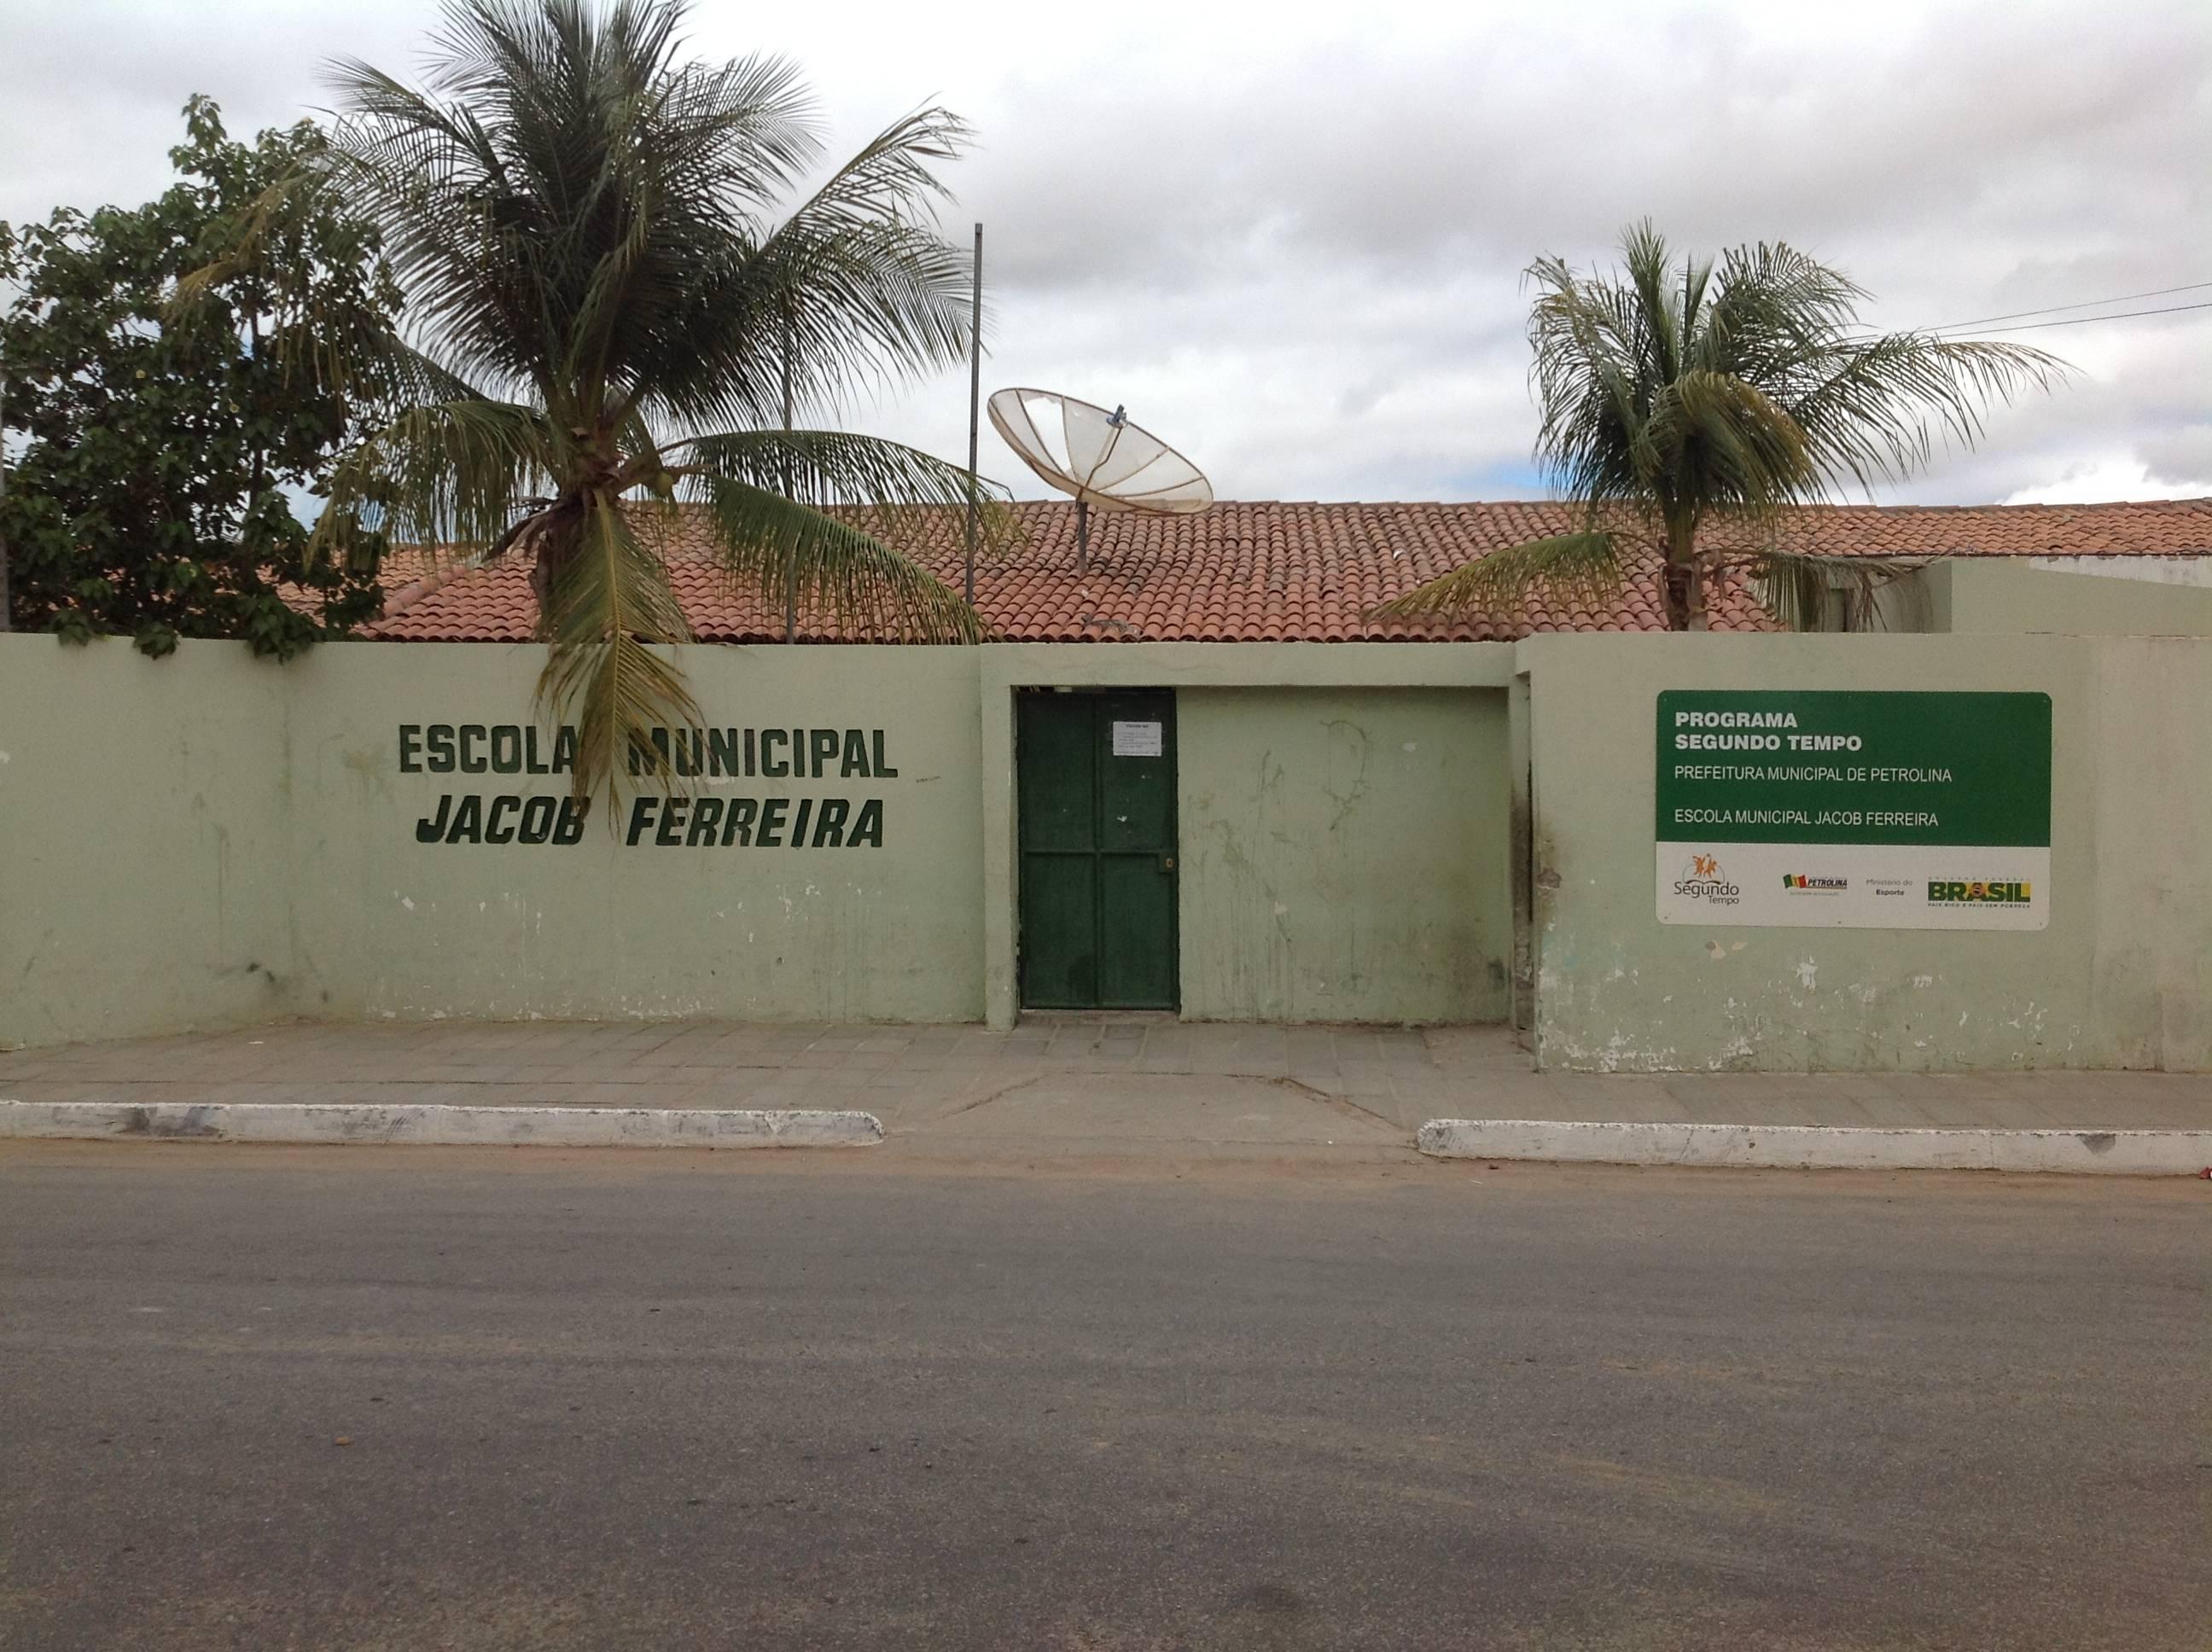 EscolaMunicipal Jacob Ferreira